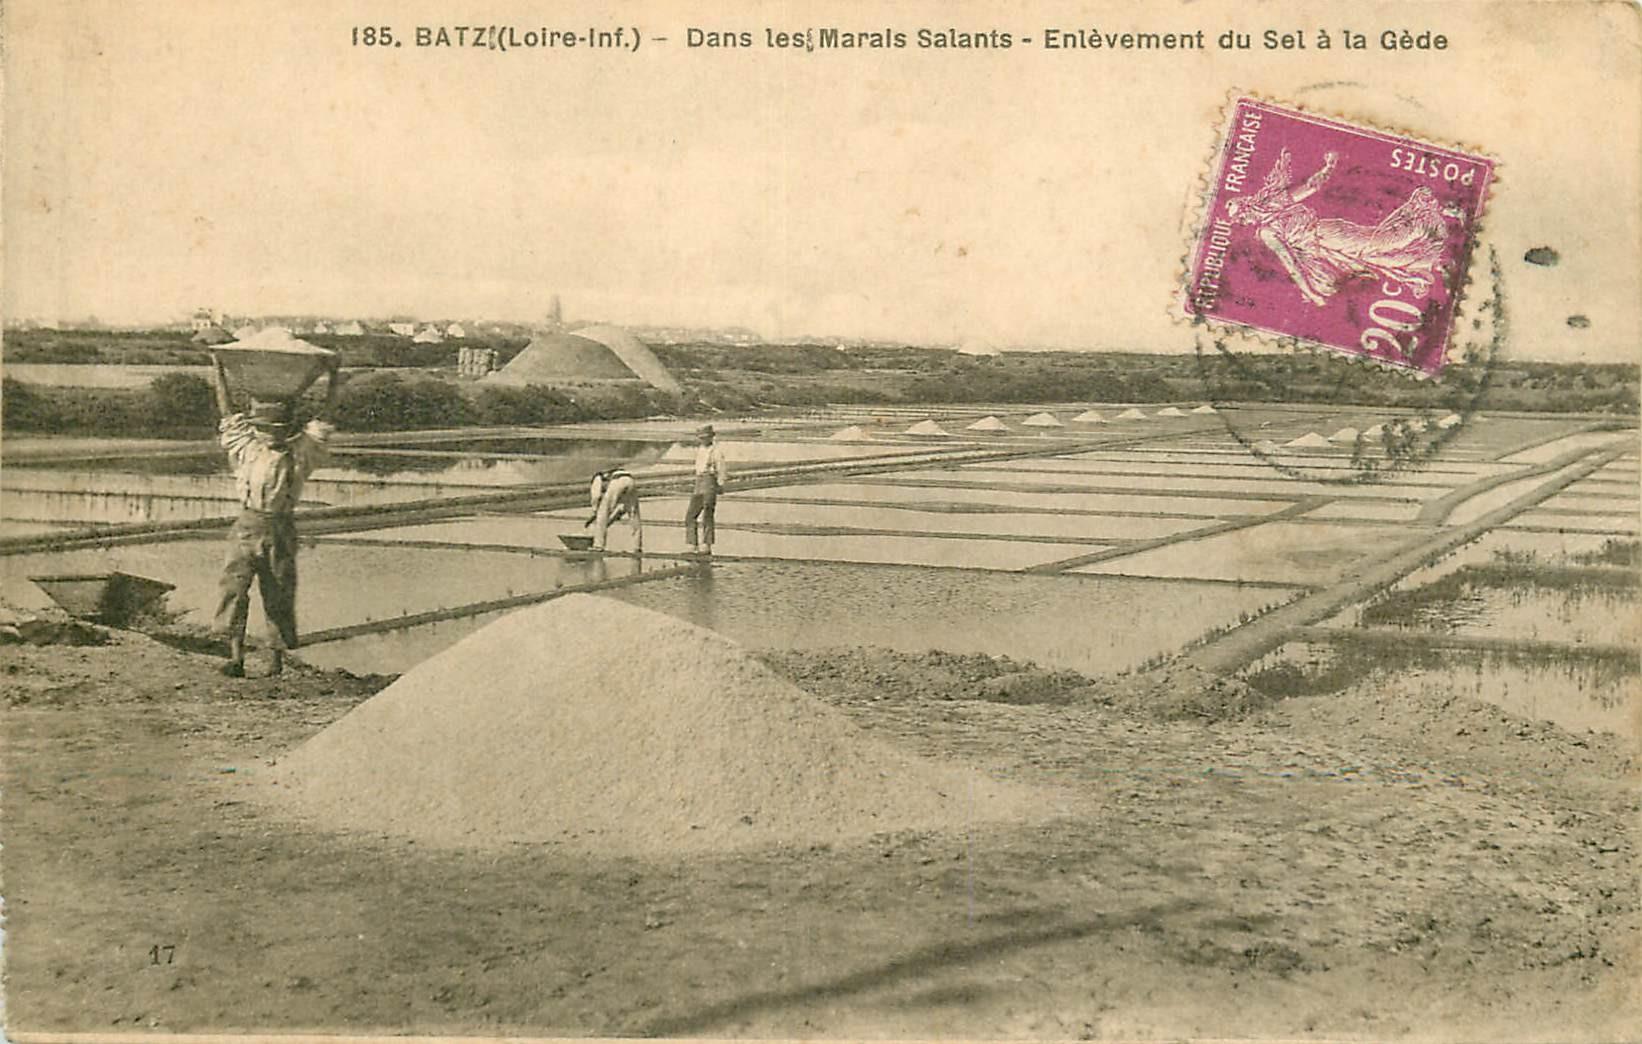 44 BATZ SUR MER. Enlèvement du Sel à la Gède dans les Marais Salants